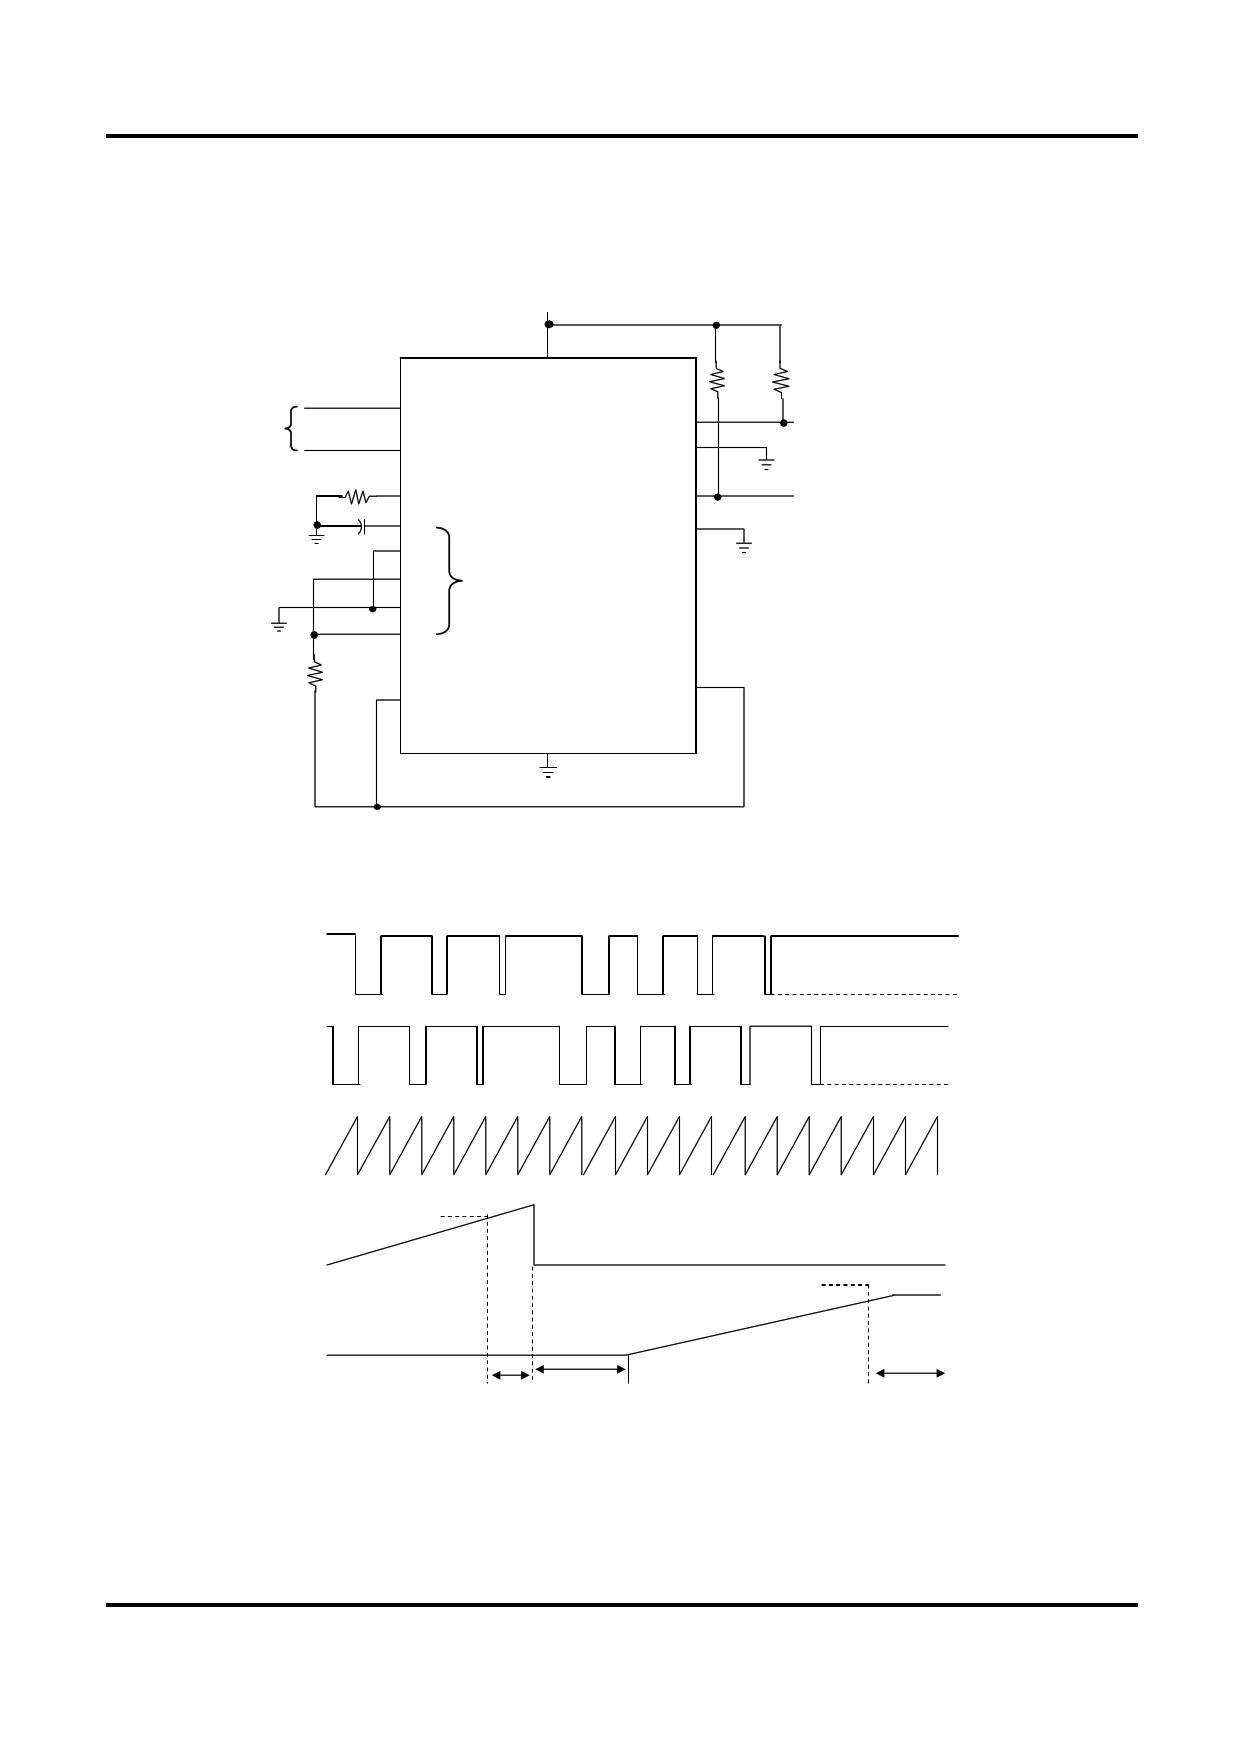 TL494N pdf, schematic